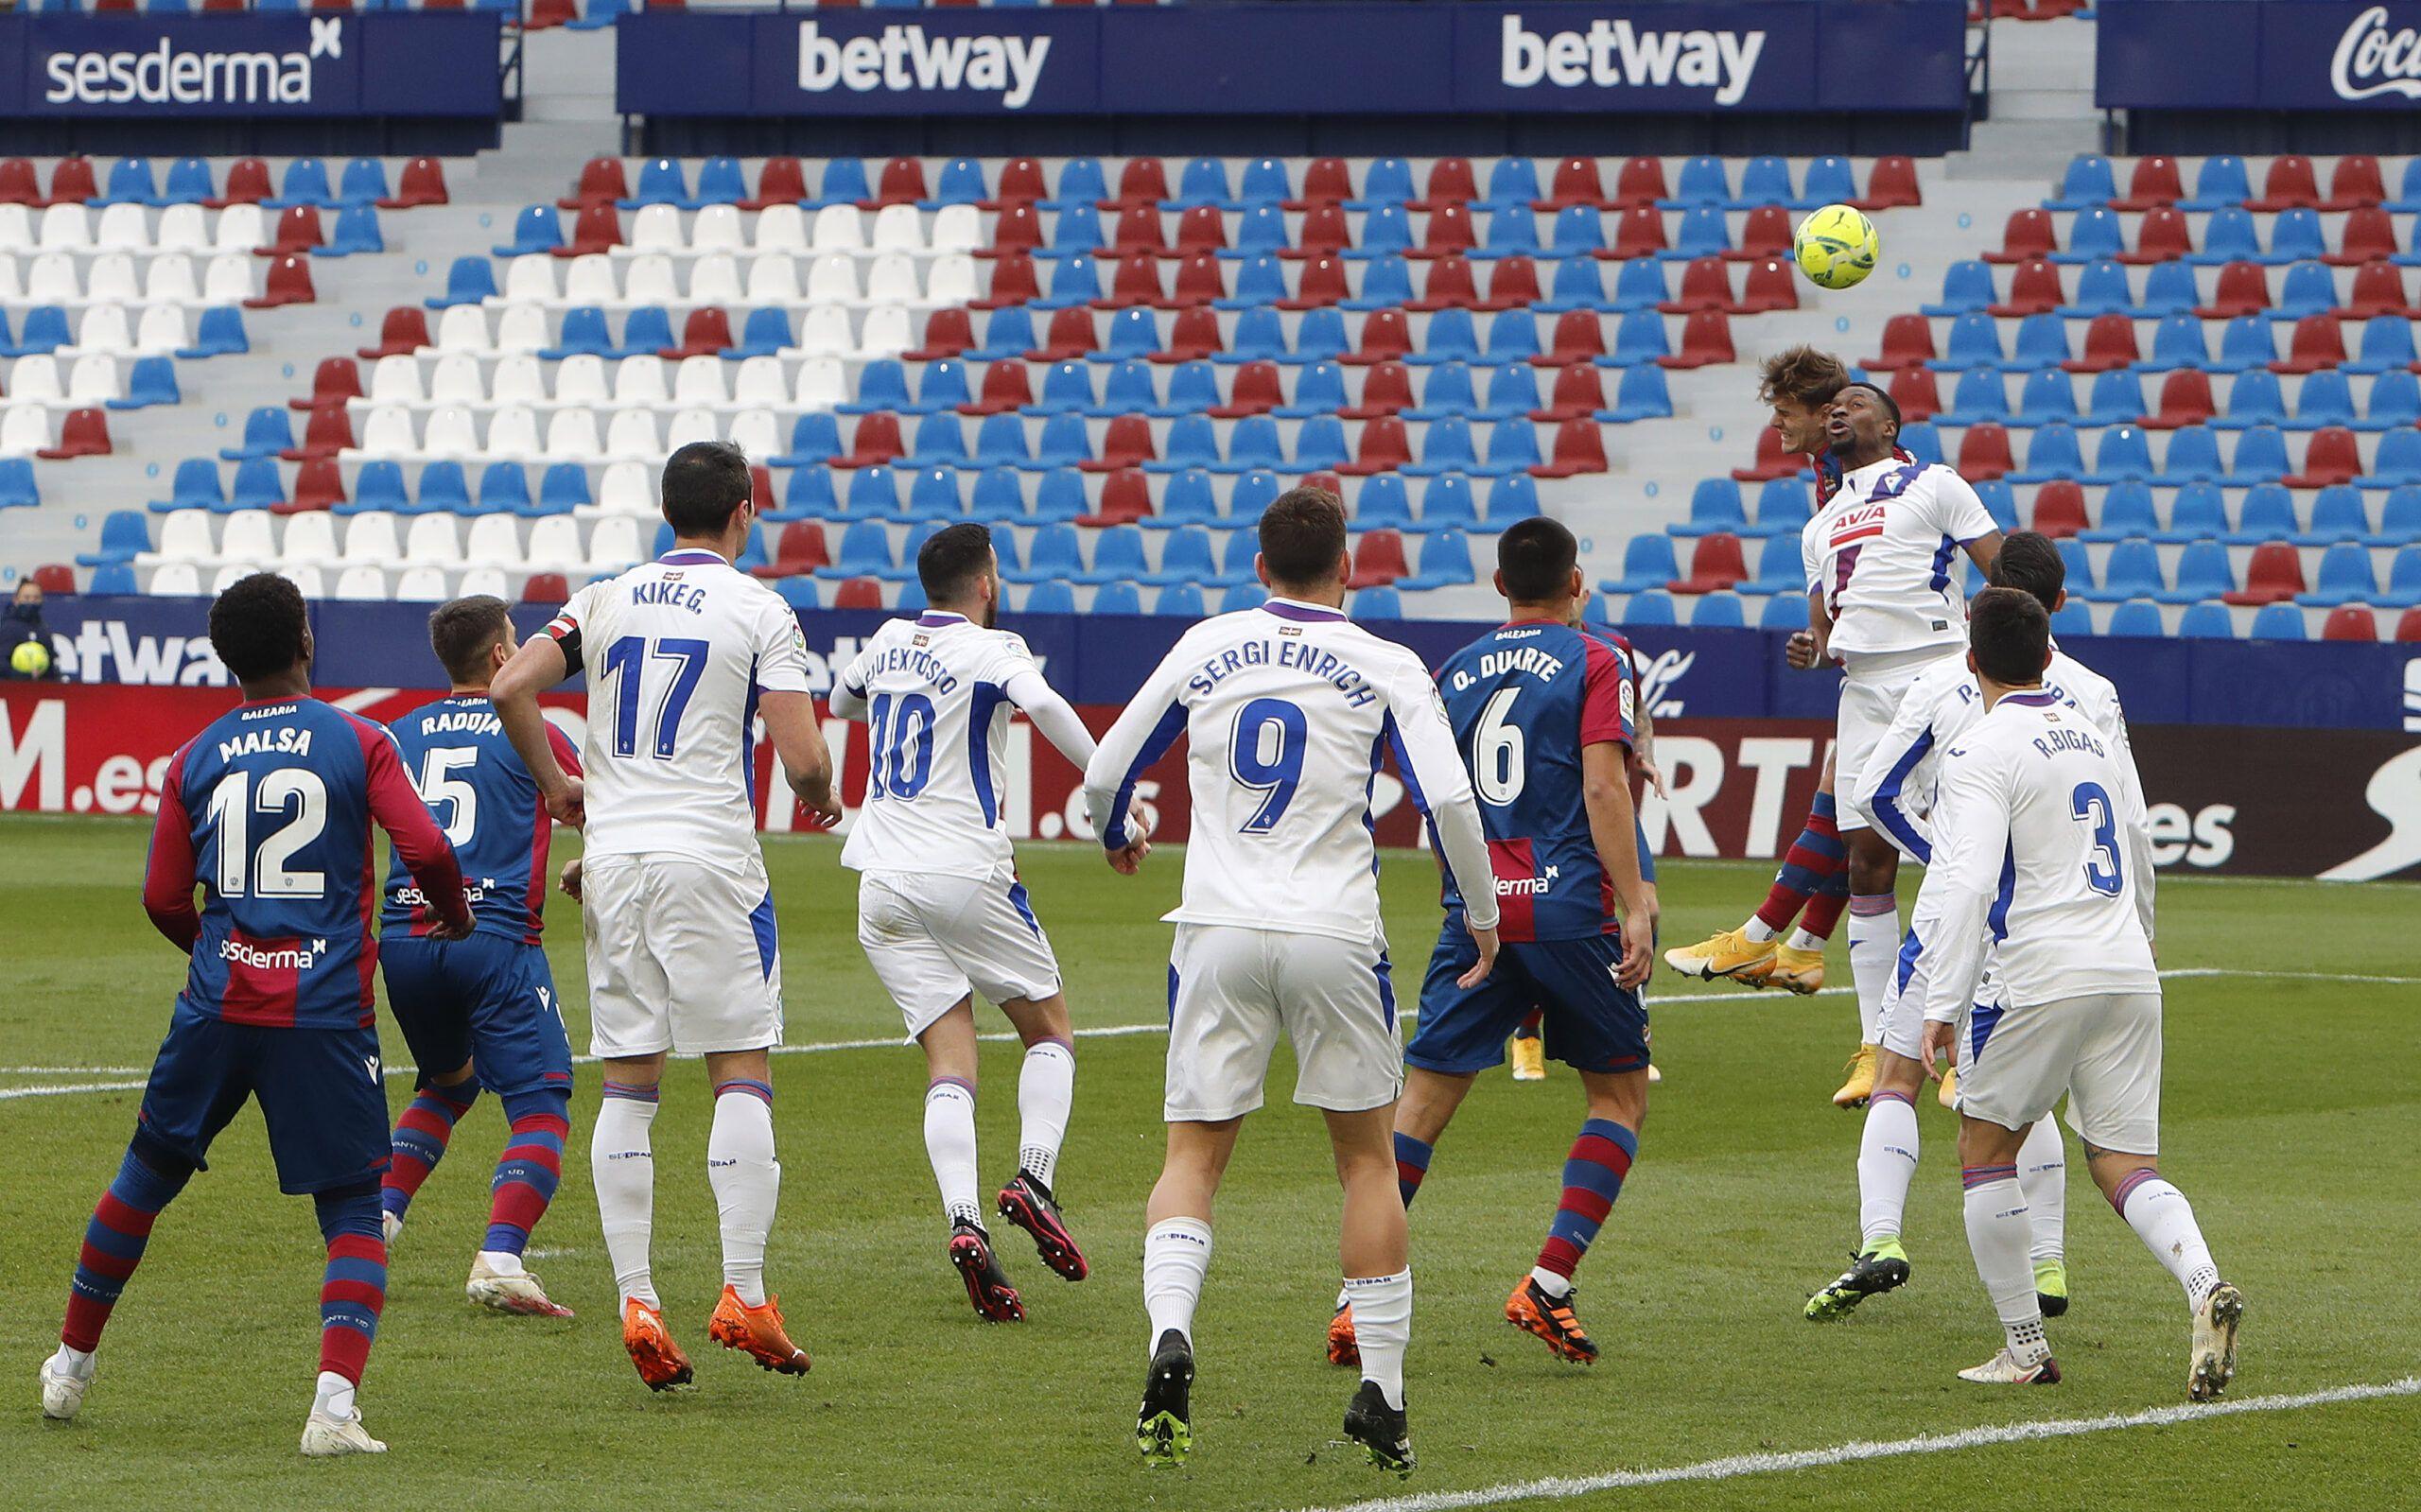 Villarreal CF - Levante UD: Comenzar el año con buen pie